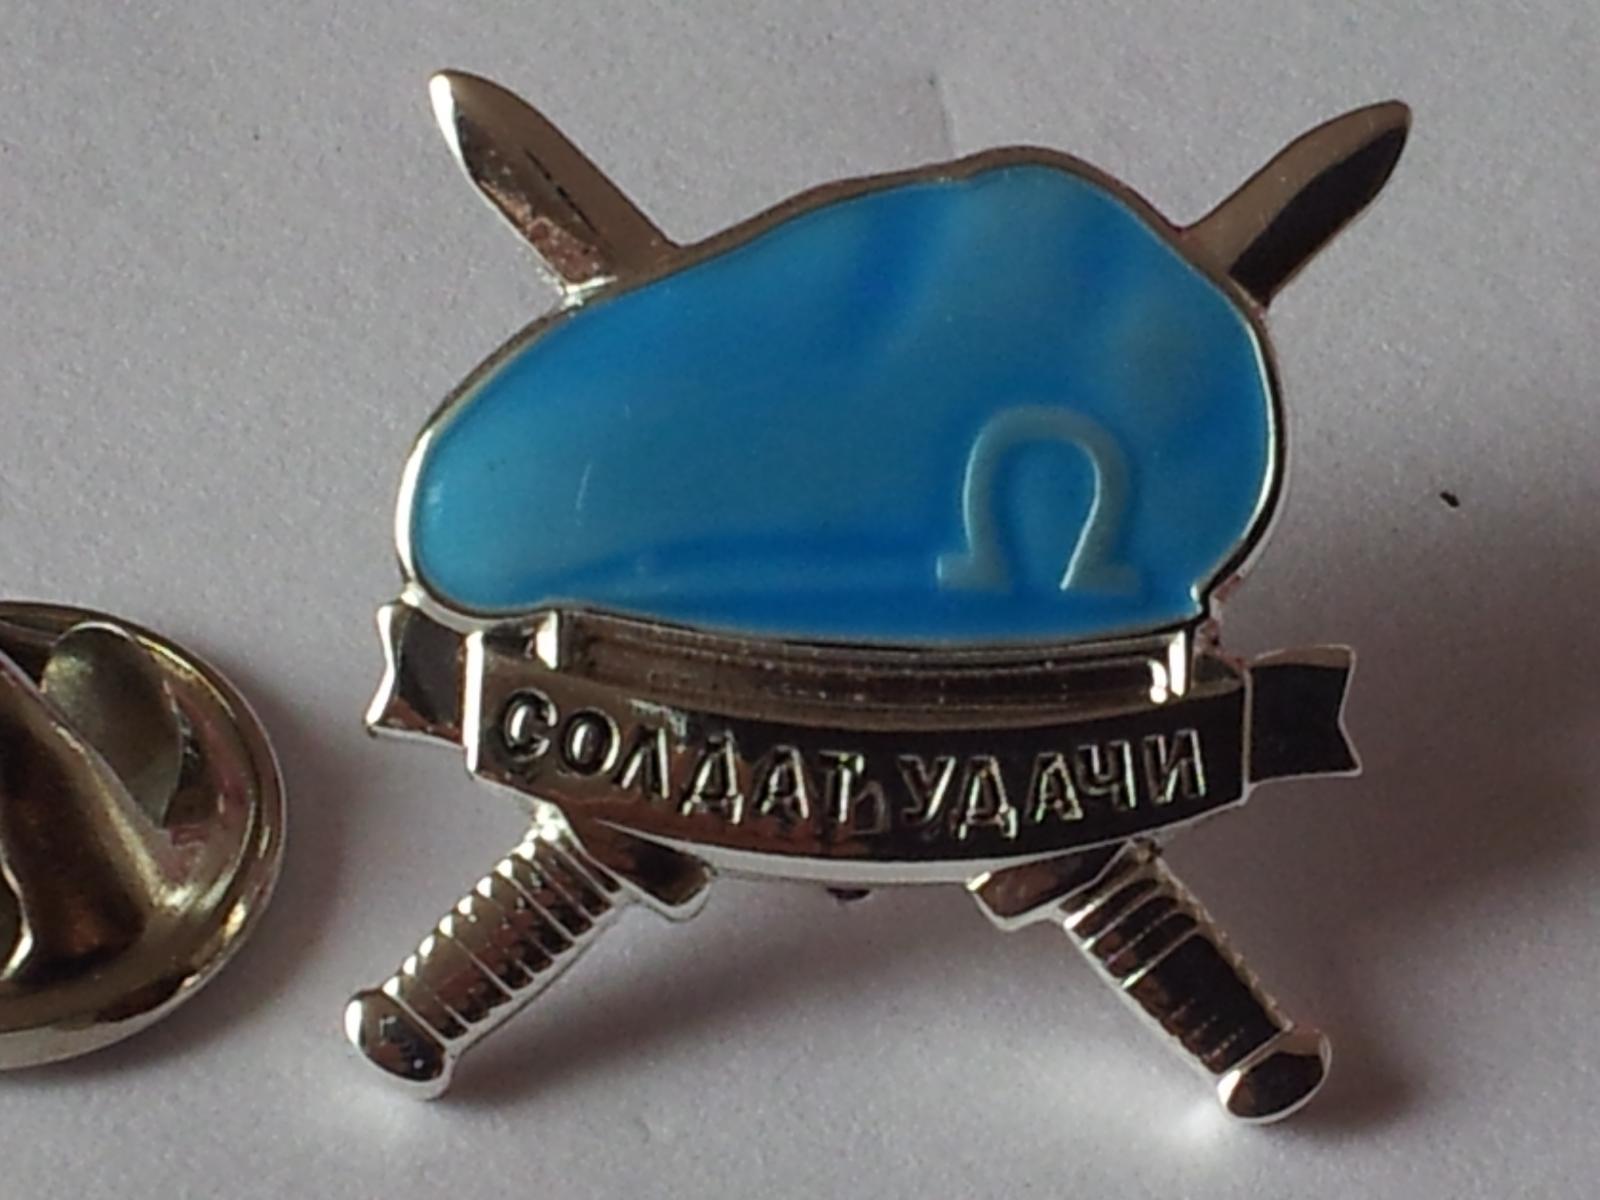 Фрачник ВДВ «Солдат удачи»